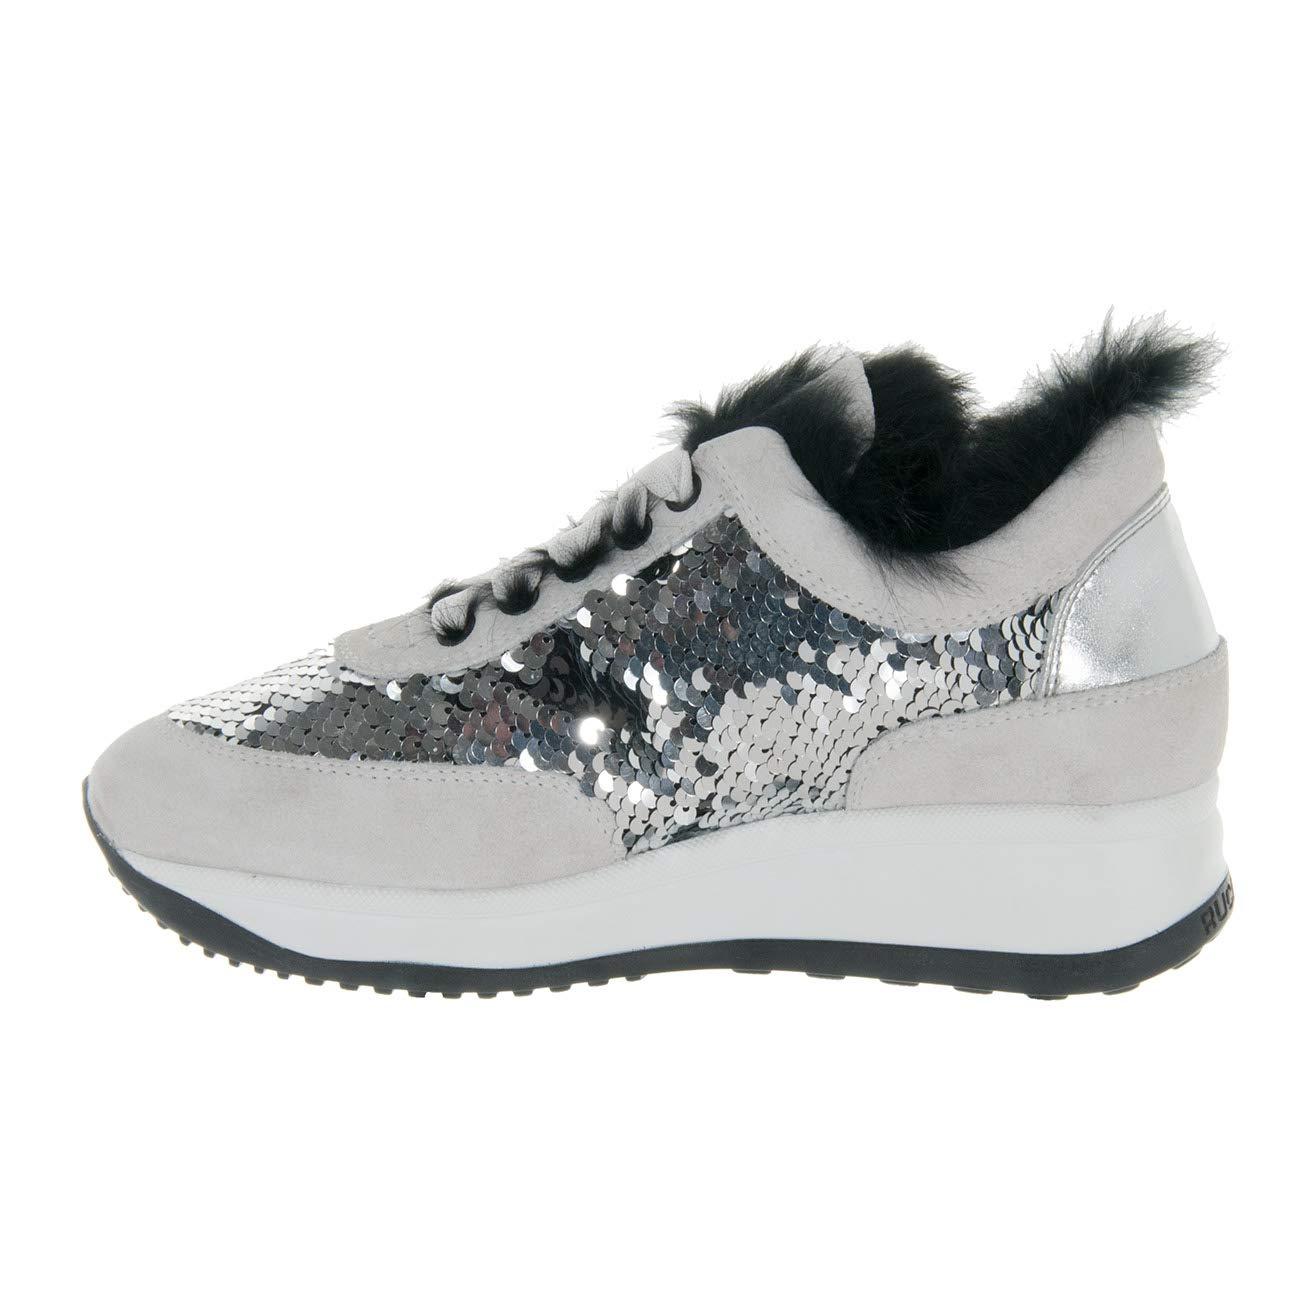 AGILE BY RUCOLINE Scarpe Donna Sneaker CAMOSCIO Paillettes Silver Tex Soft  1304 N° 35  Amazon.it  Scarpe e borse 70941b3017a